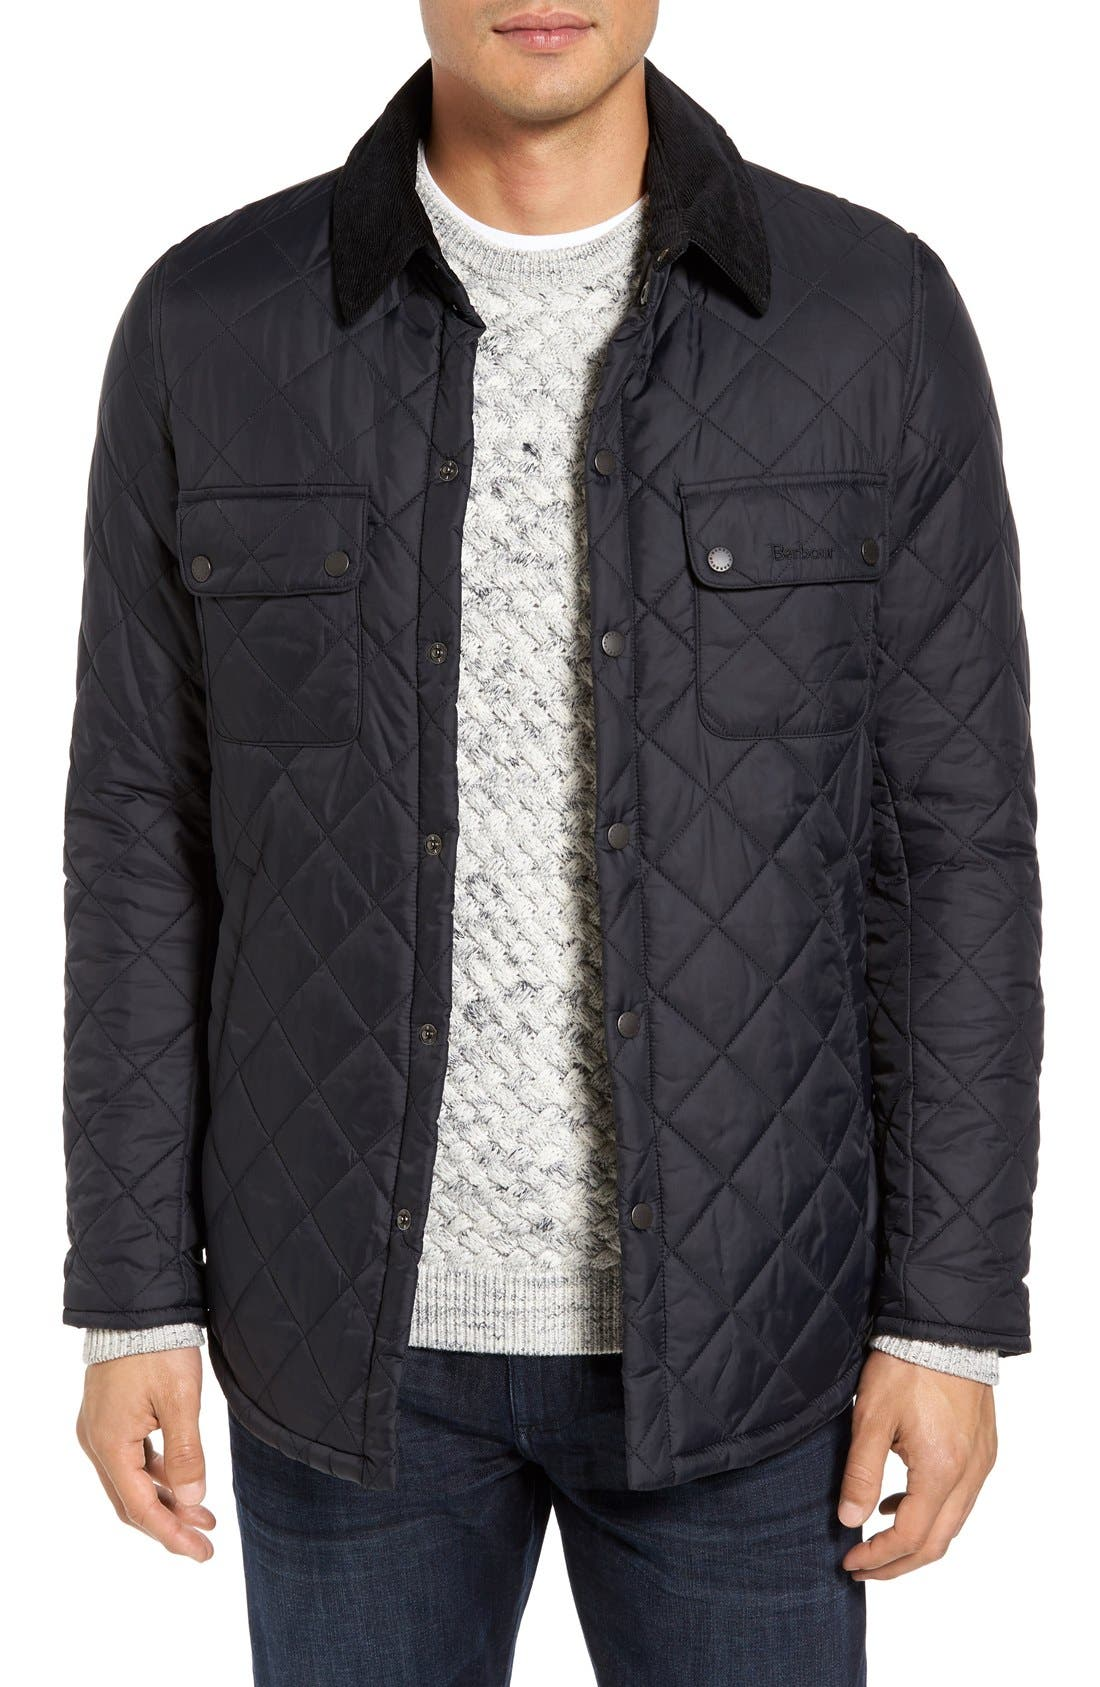 'Akenside' Regular Fit Quilted Jacket,                             Main thumbnail 1, color,                             Black